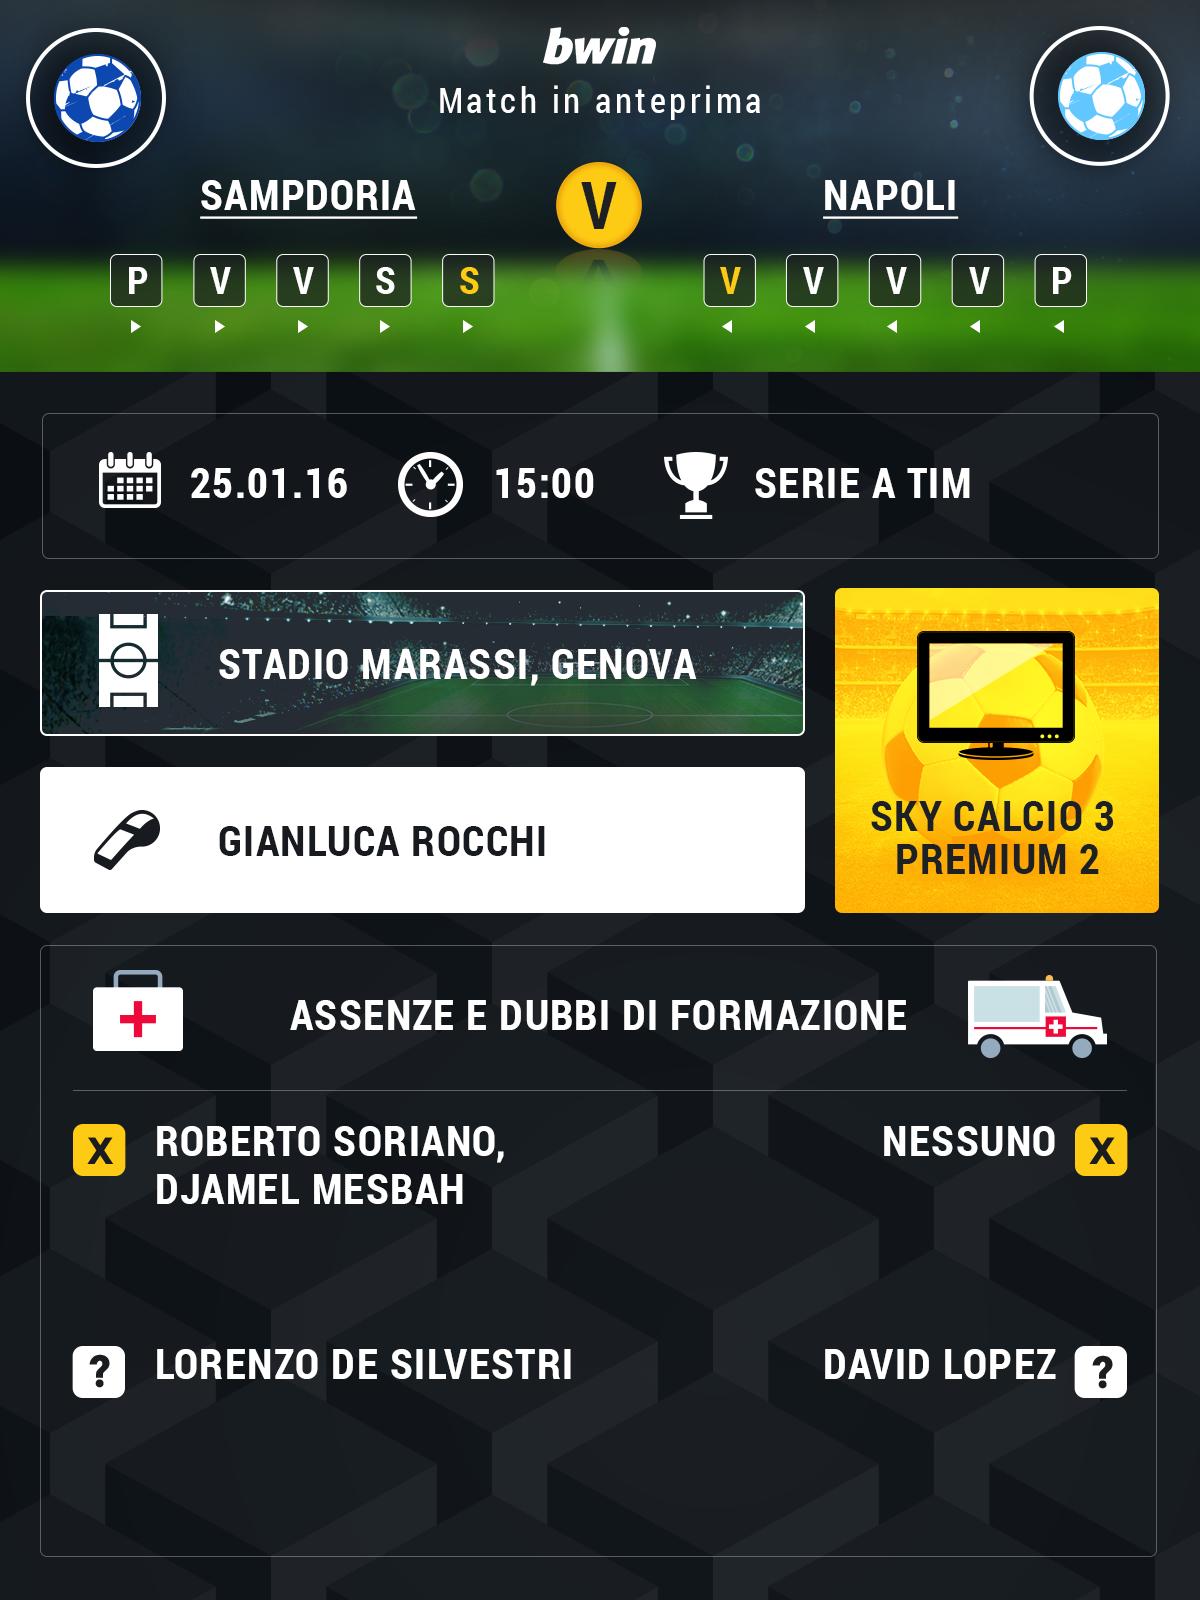 Samp_Napoli